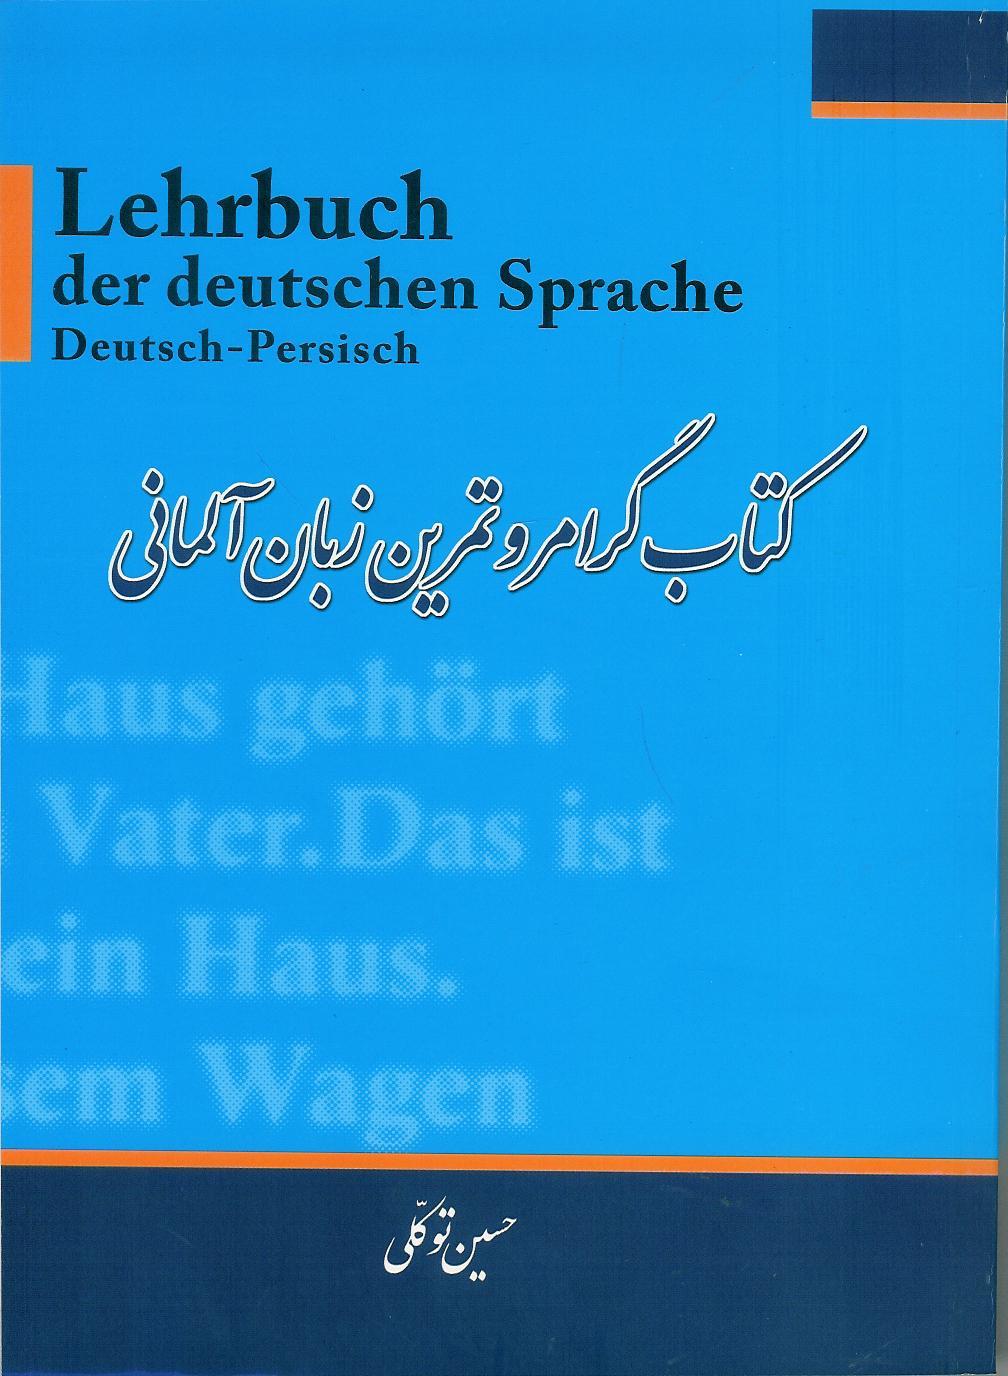 قیمت آمپول نوروبیون آلمانی مرک کتاب گرامر و تمرین زبان المانی Aida Orient Book